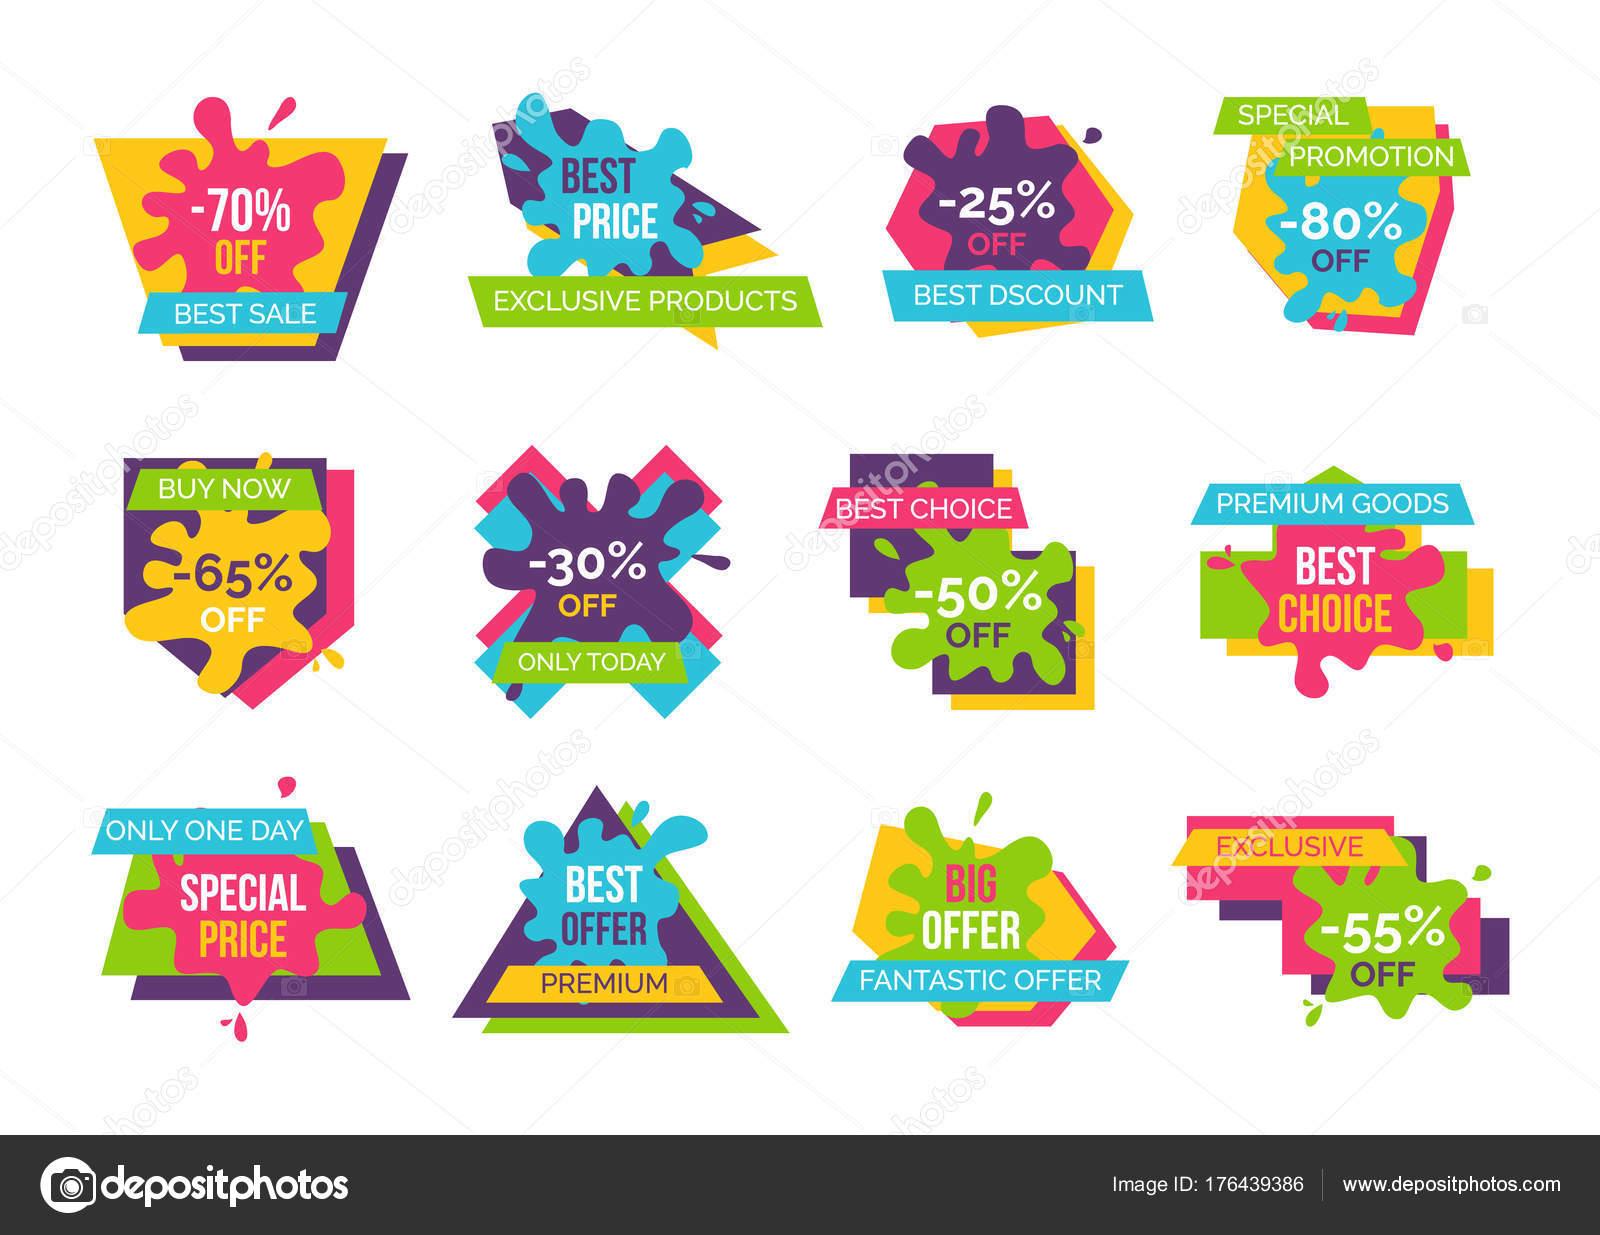 a6247c1c3817a Ilustración de Vector de productos exclusivos de mejor precio ...